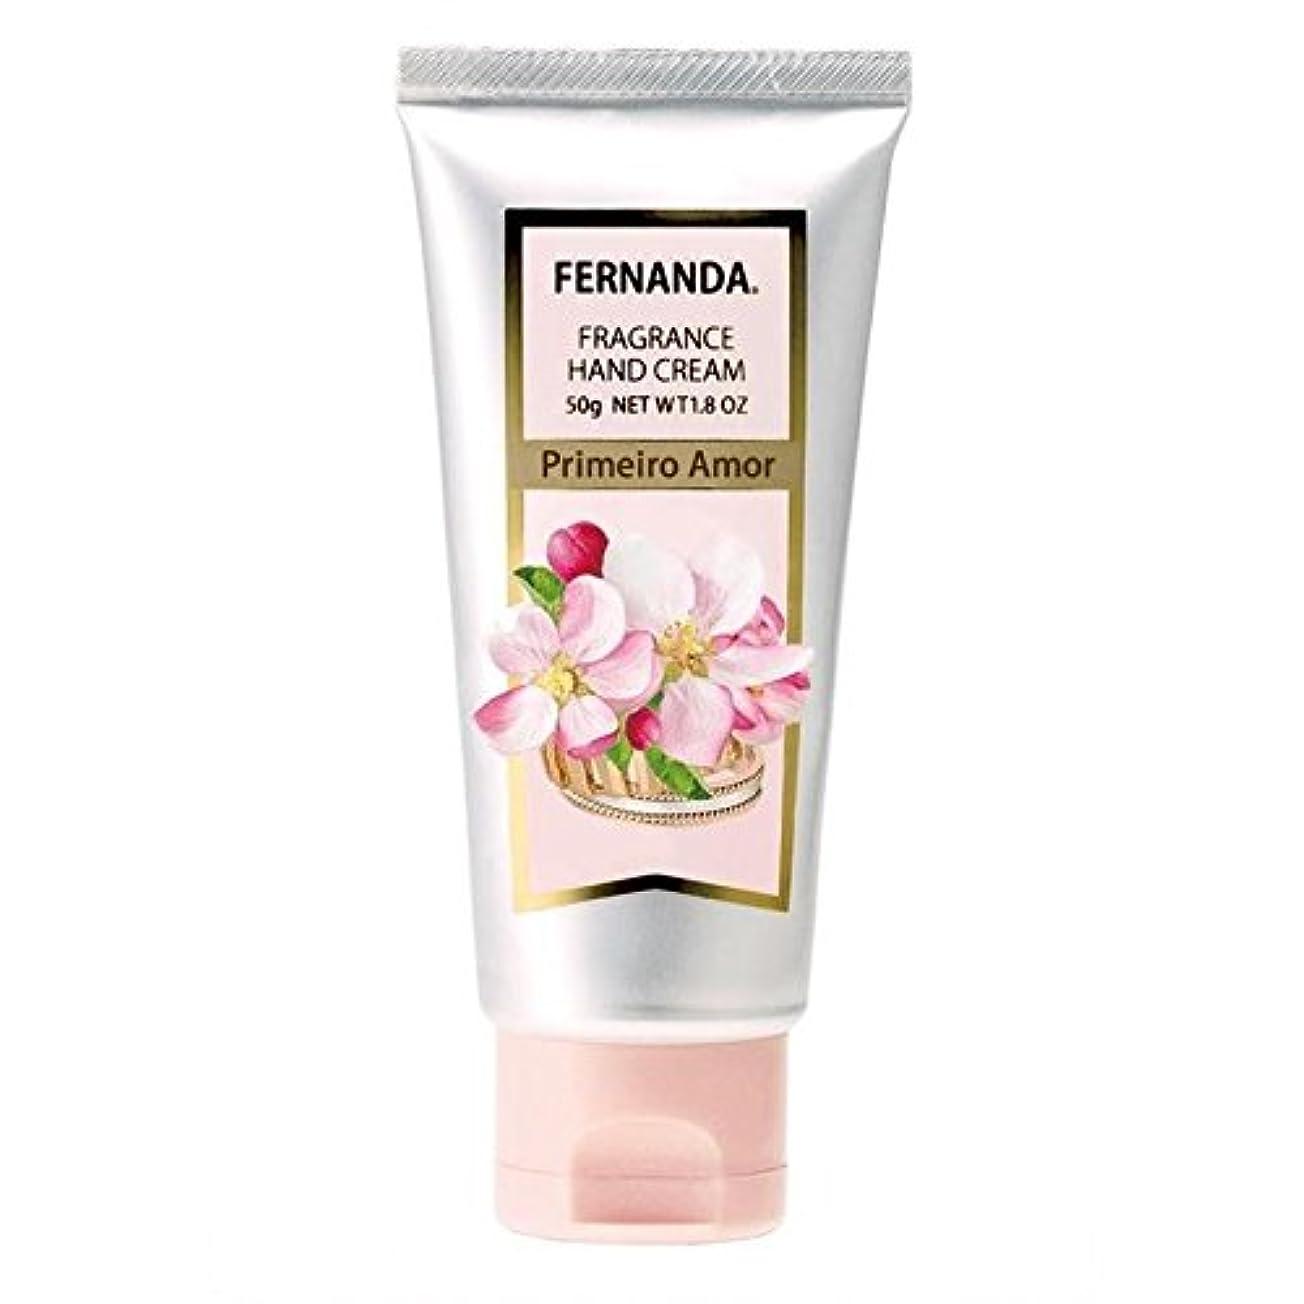 遺体安置所好意法律FERNANDA(フェルナンダ) Hand Cream Primeiro Amor(ハンドクリーム プリメイロアモール)